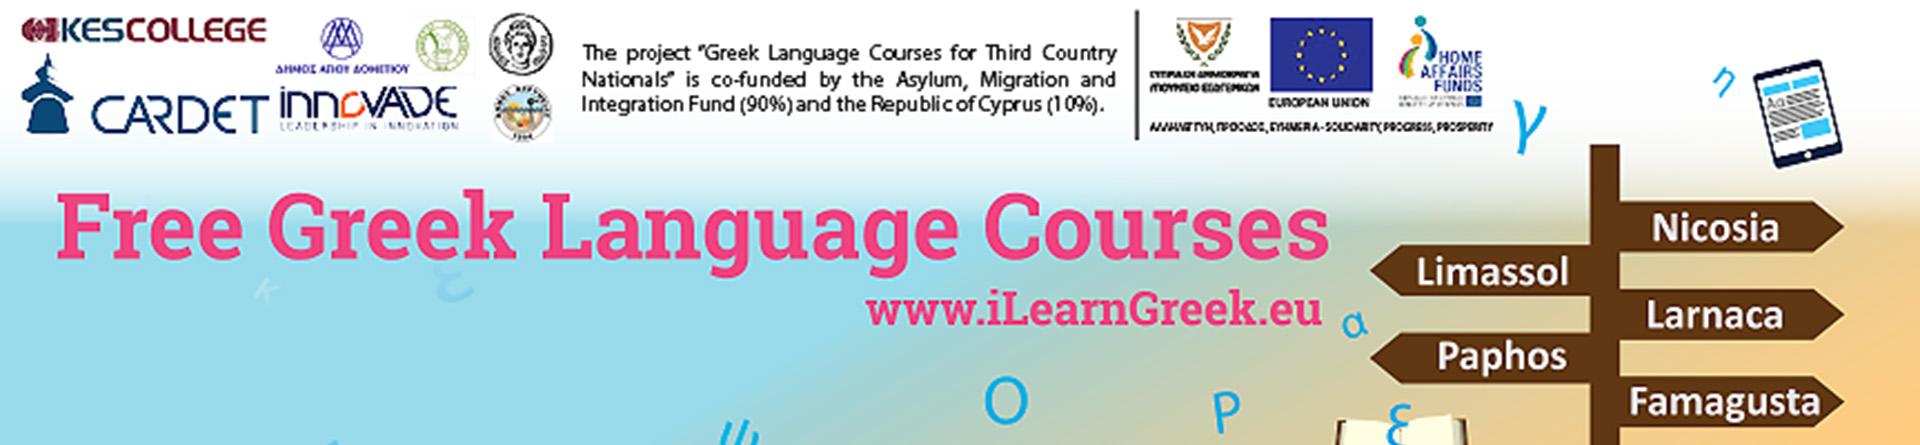 Ολοκλήρωση Προγράμματος «Δωρεάν Εκμάθηση Ελληνικής Γλώσσας σε ΥΤΧ»